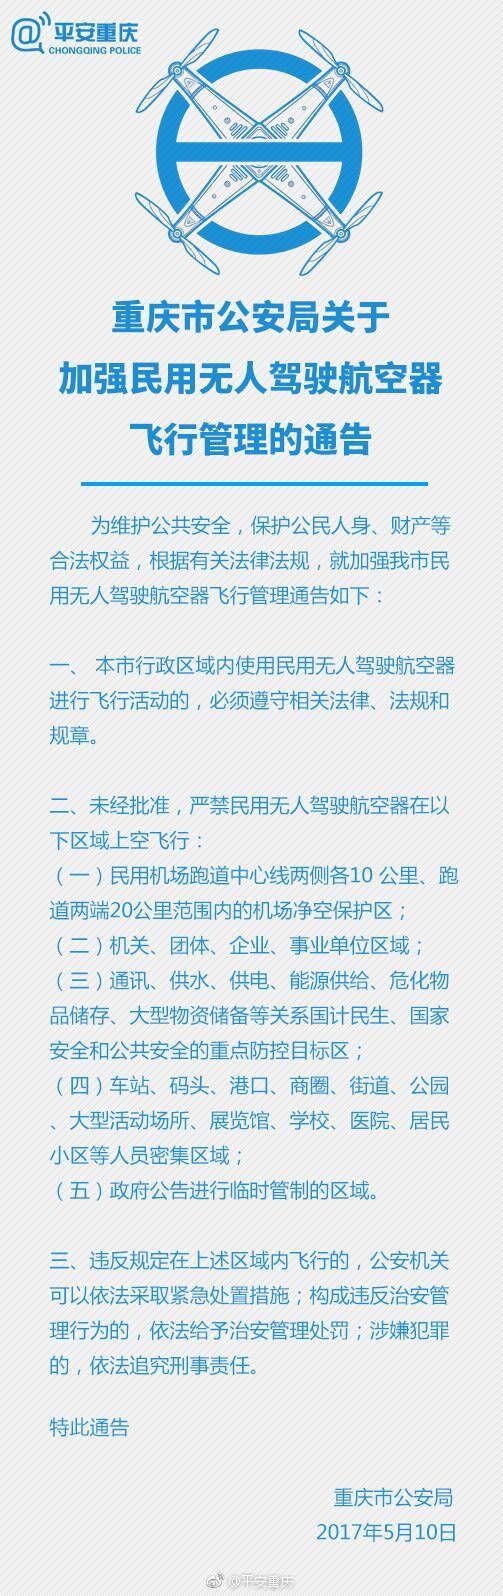 重庆5大区域不许飞无人机